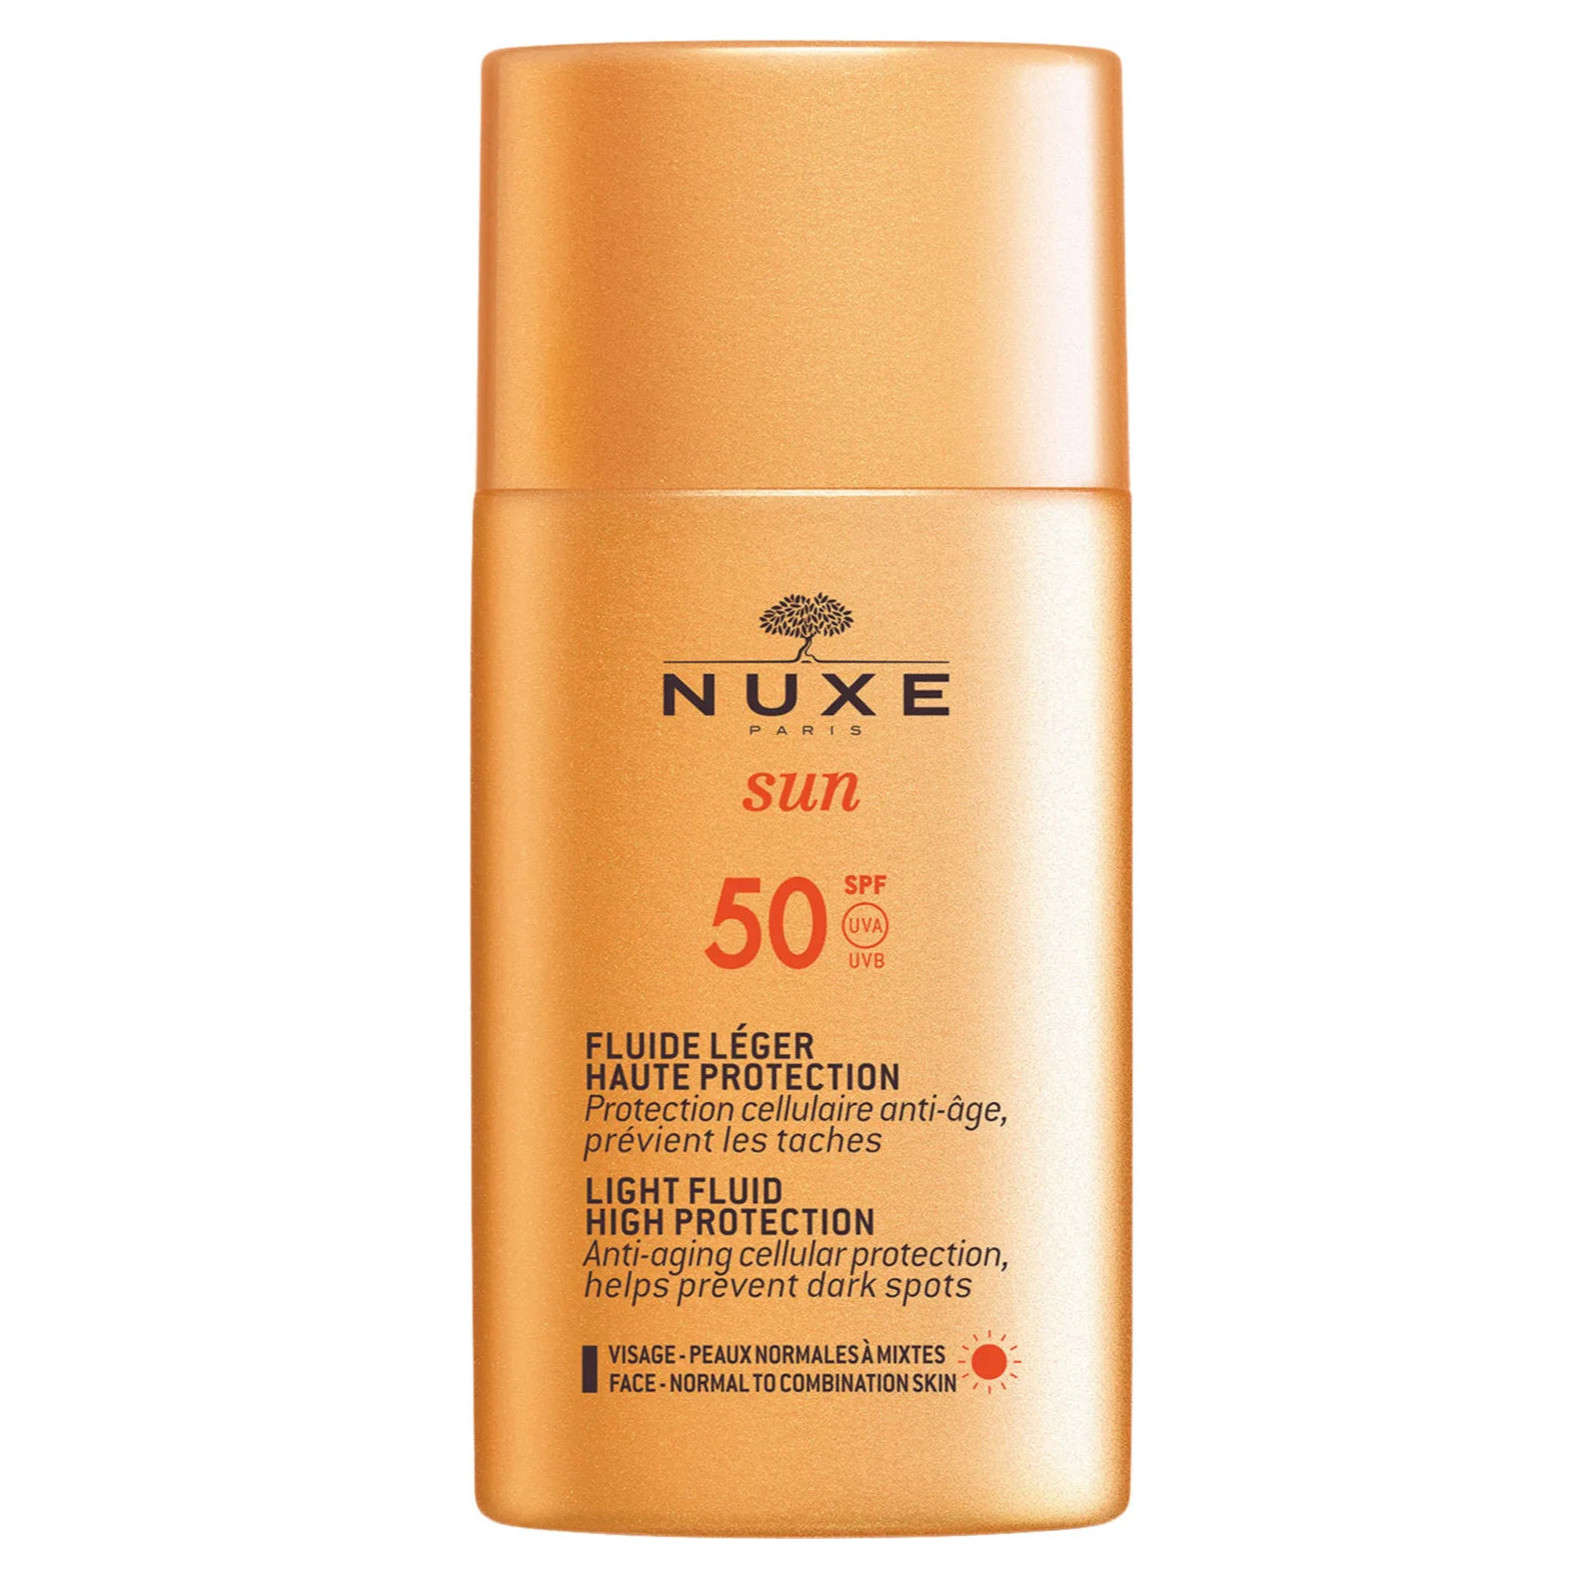 Nuxe - Sun - Fluido Leggero Alta Protezione - SPF50